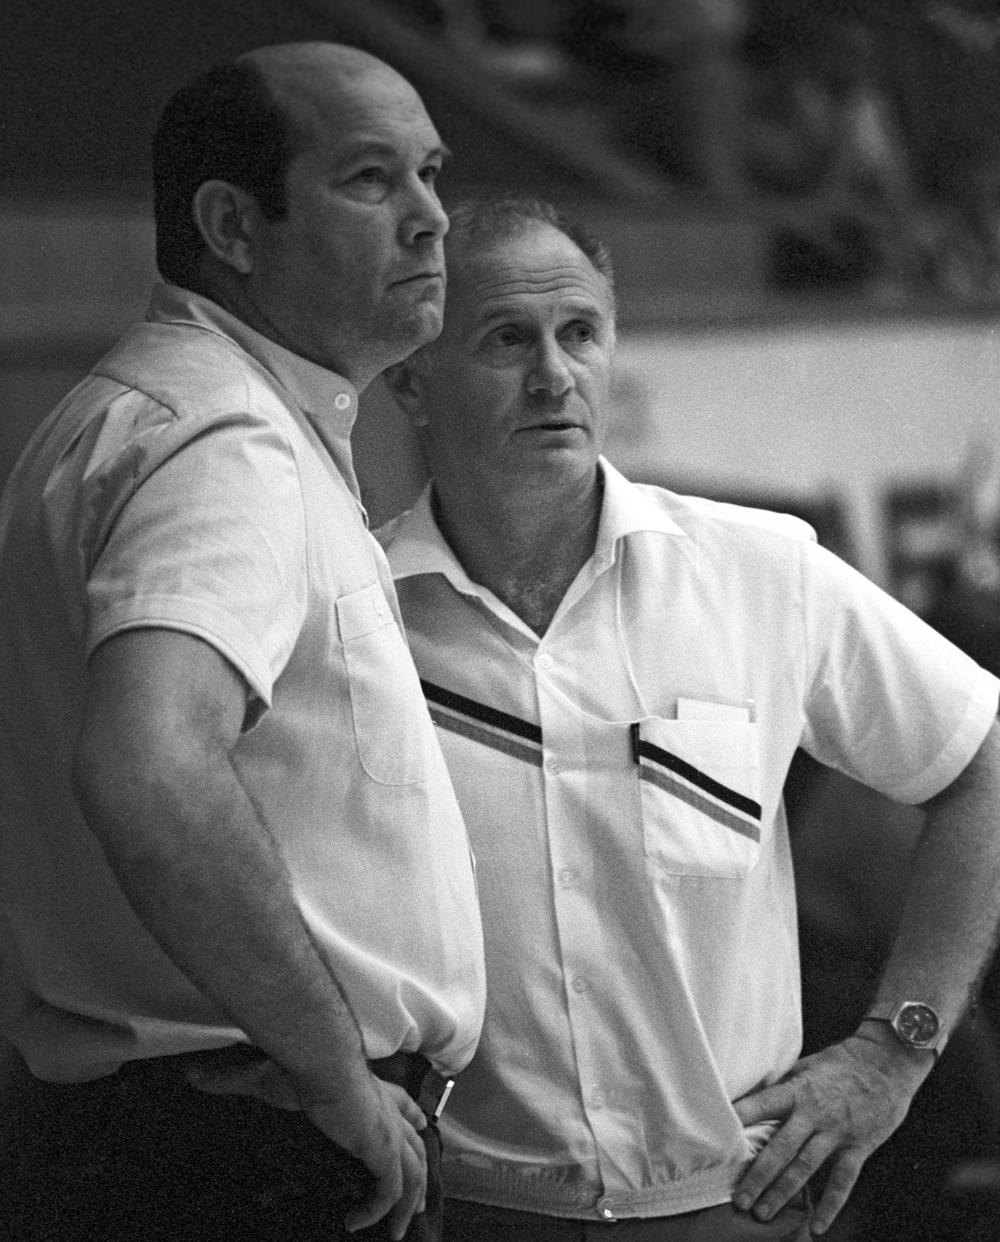 Старший тренер женской сборной СССР по баскетболу Леонид Ячменев (слева) и тренер сборной Евгений Гомельский на X чемпионате мира по баскетболу среди женщин. 1986 г.